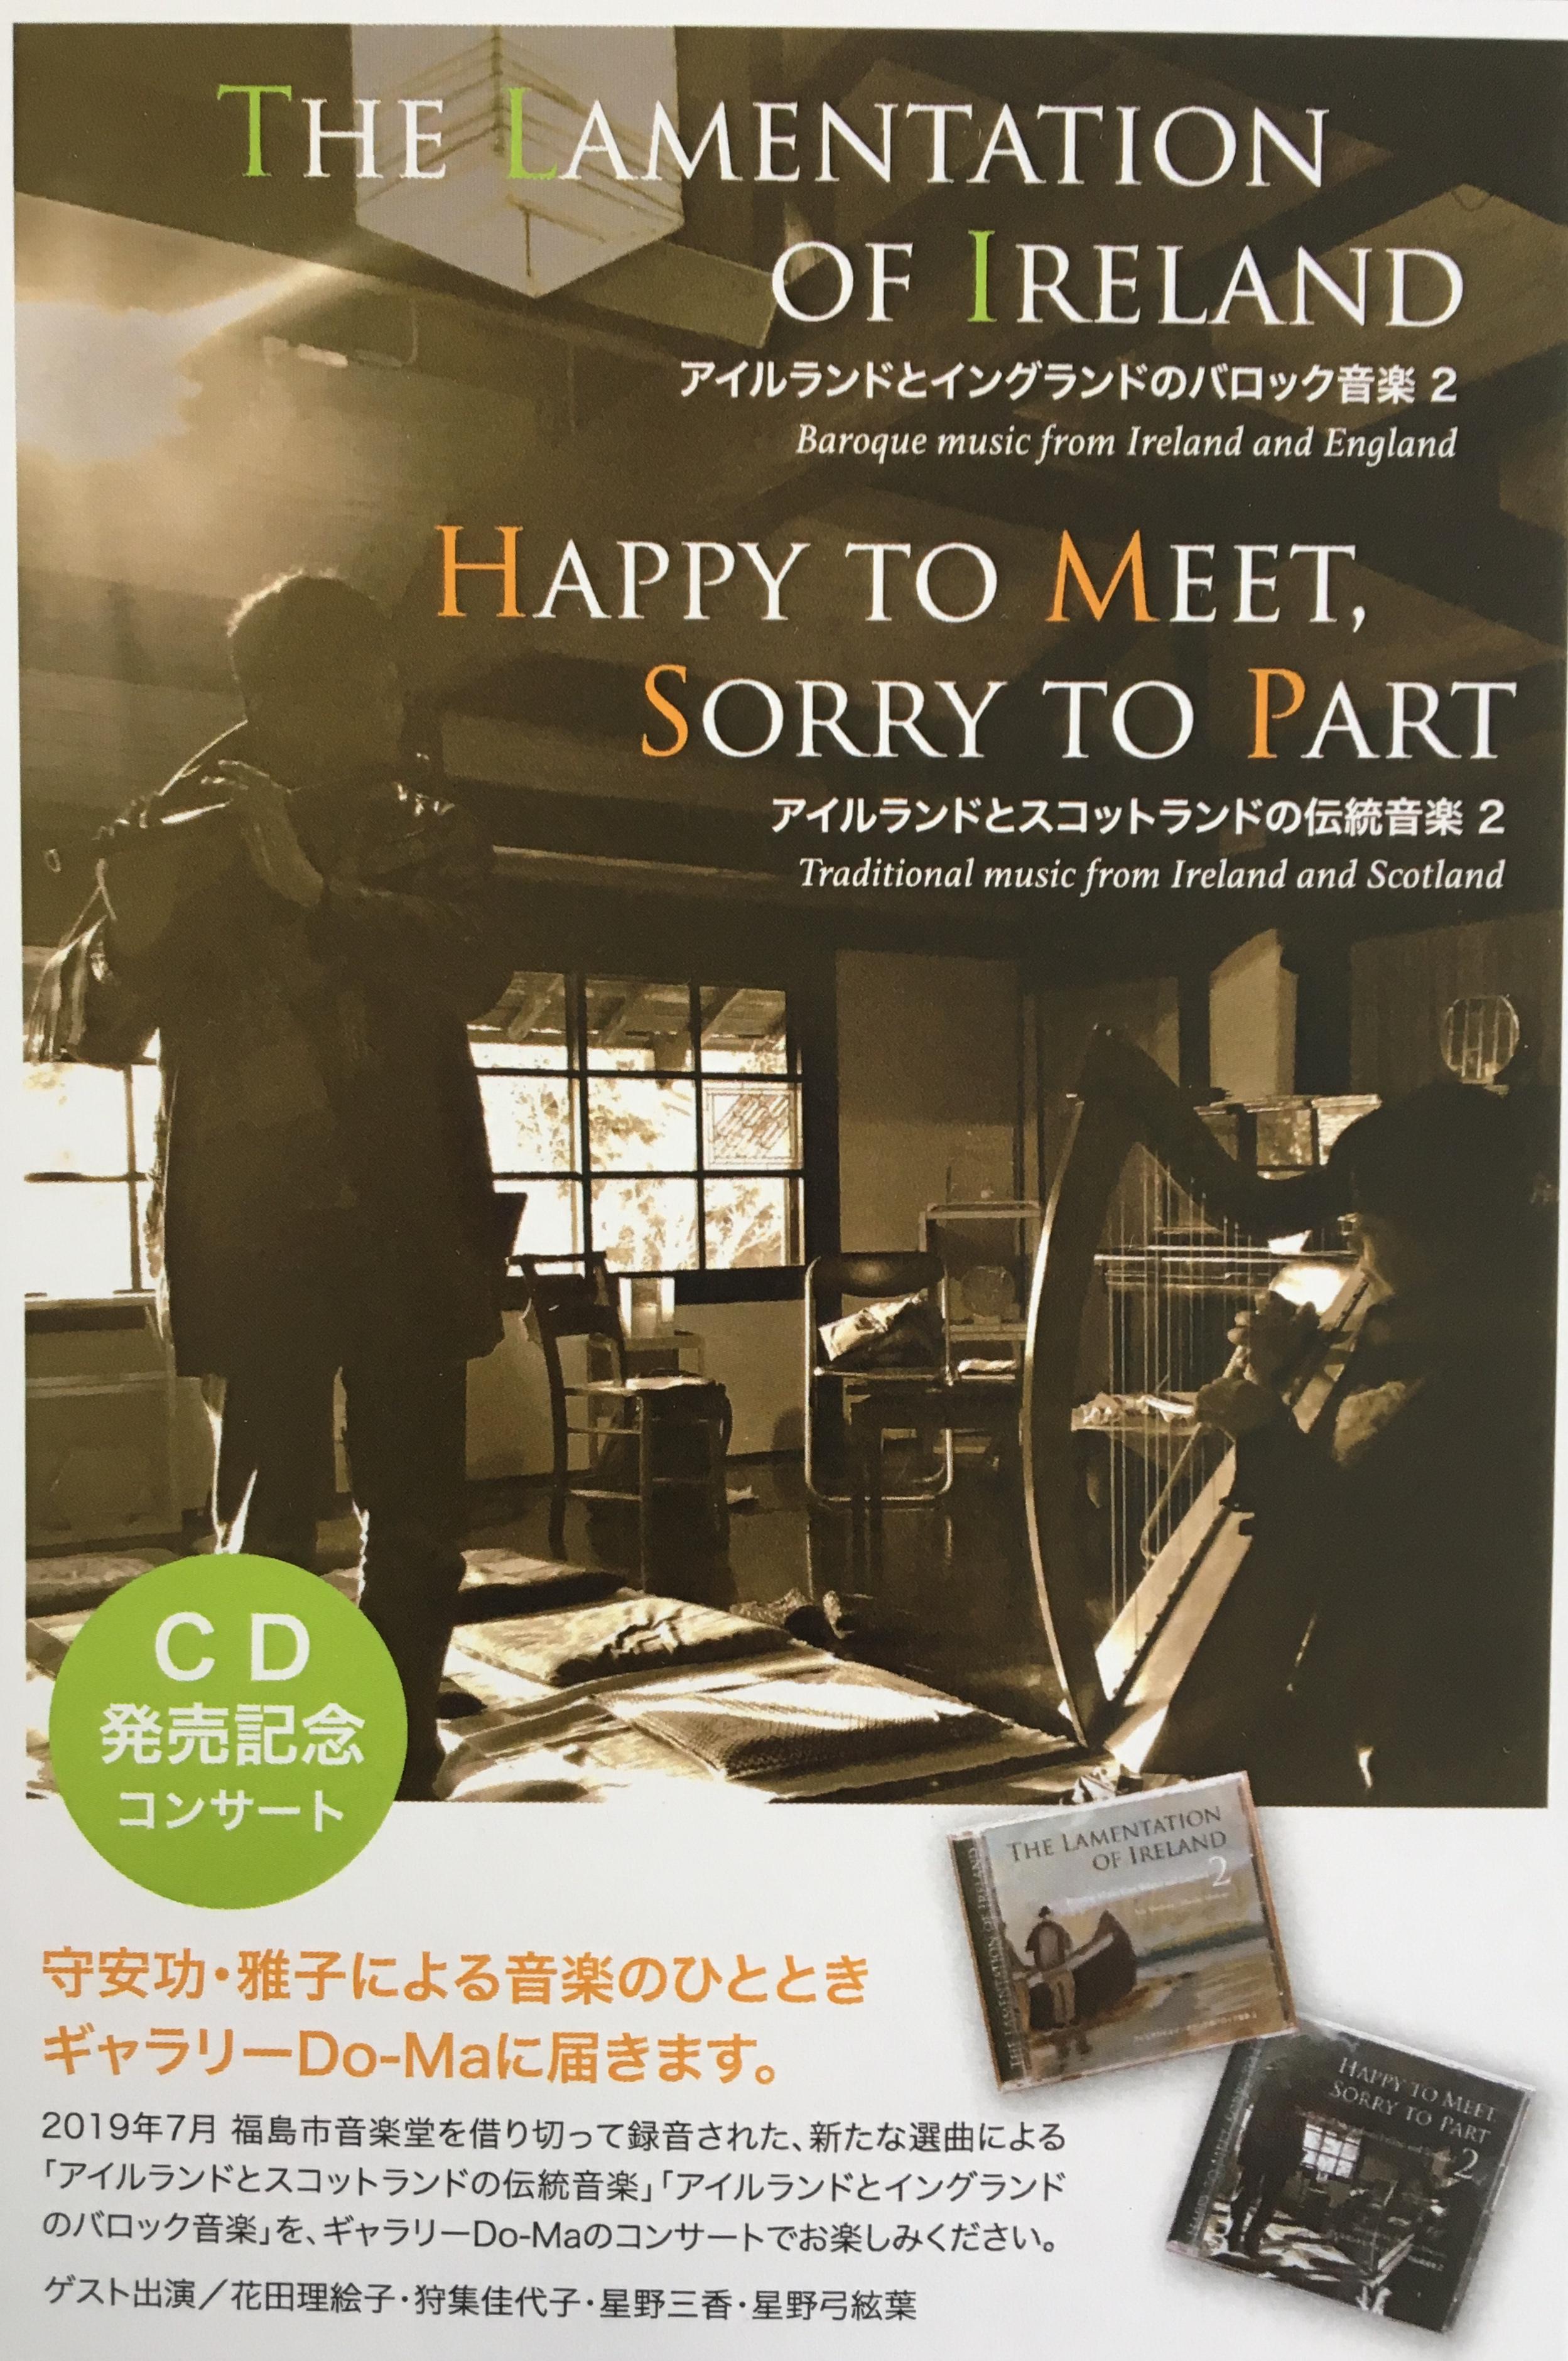 守安功・守安雅子によるアイルランド伝統音楽のひととき